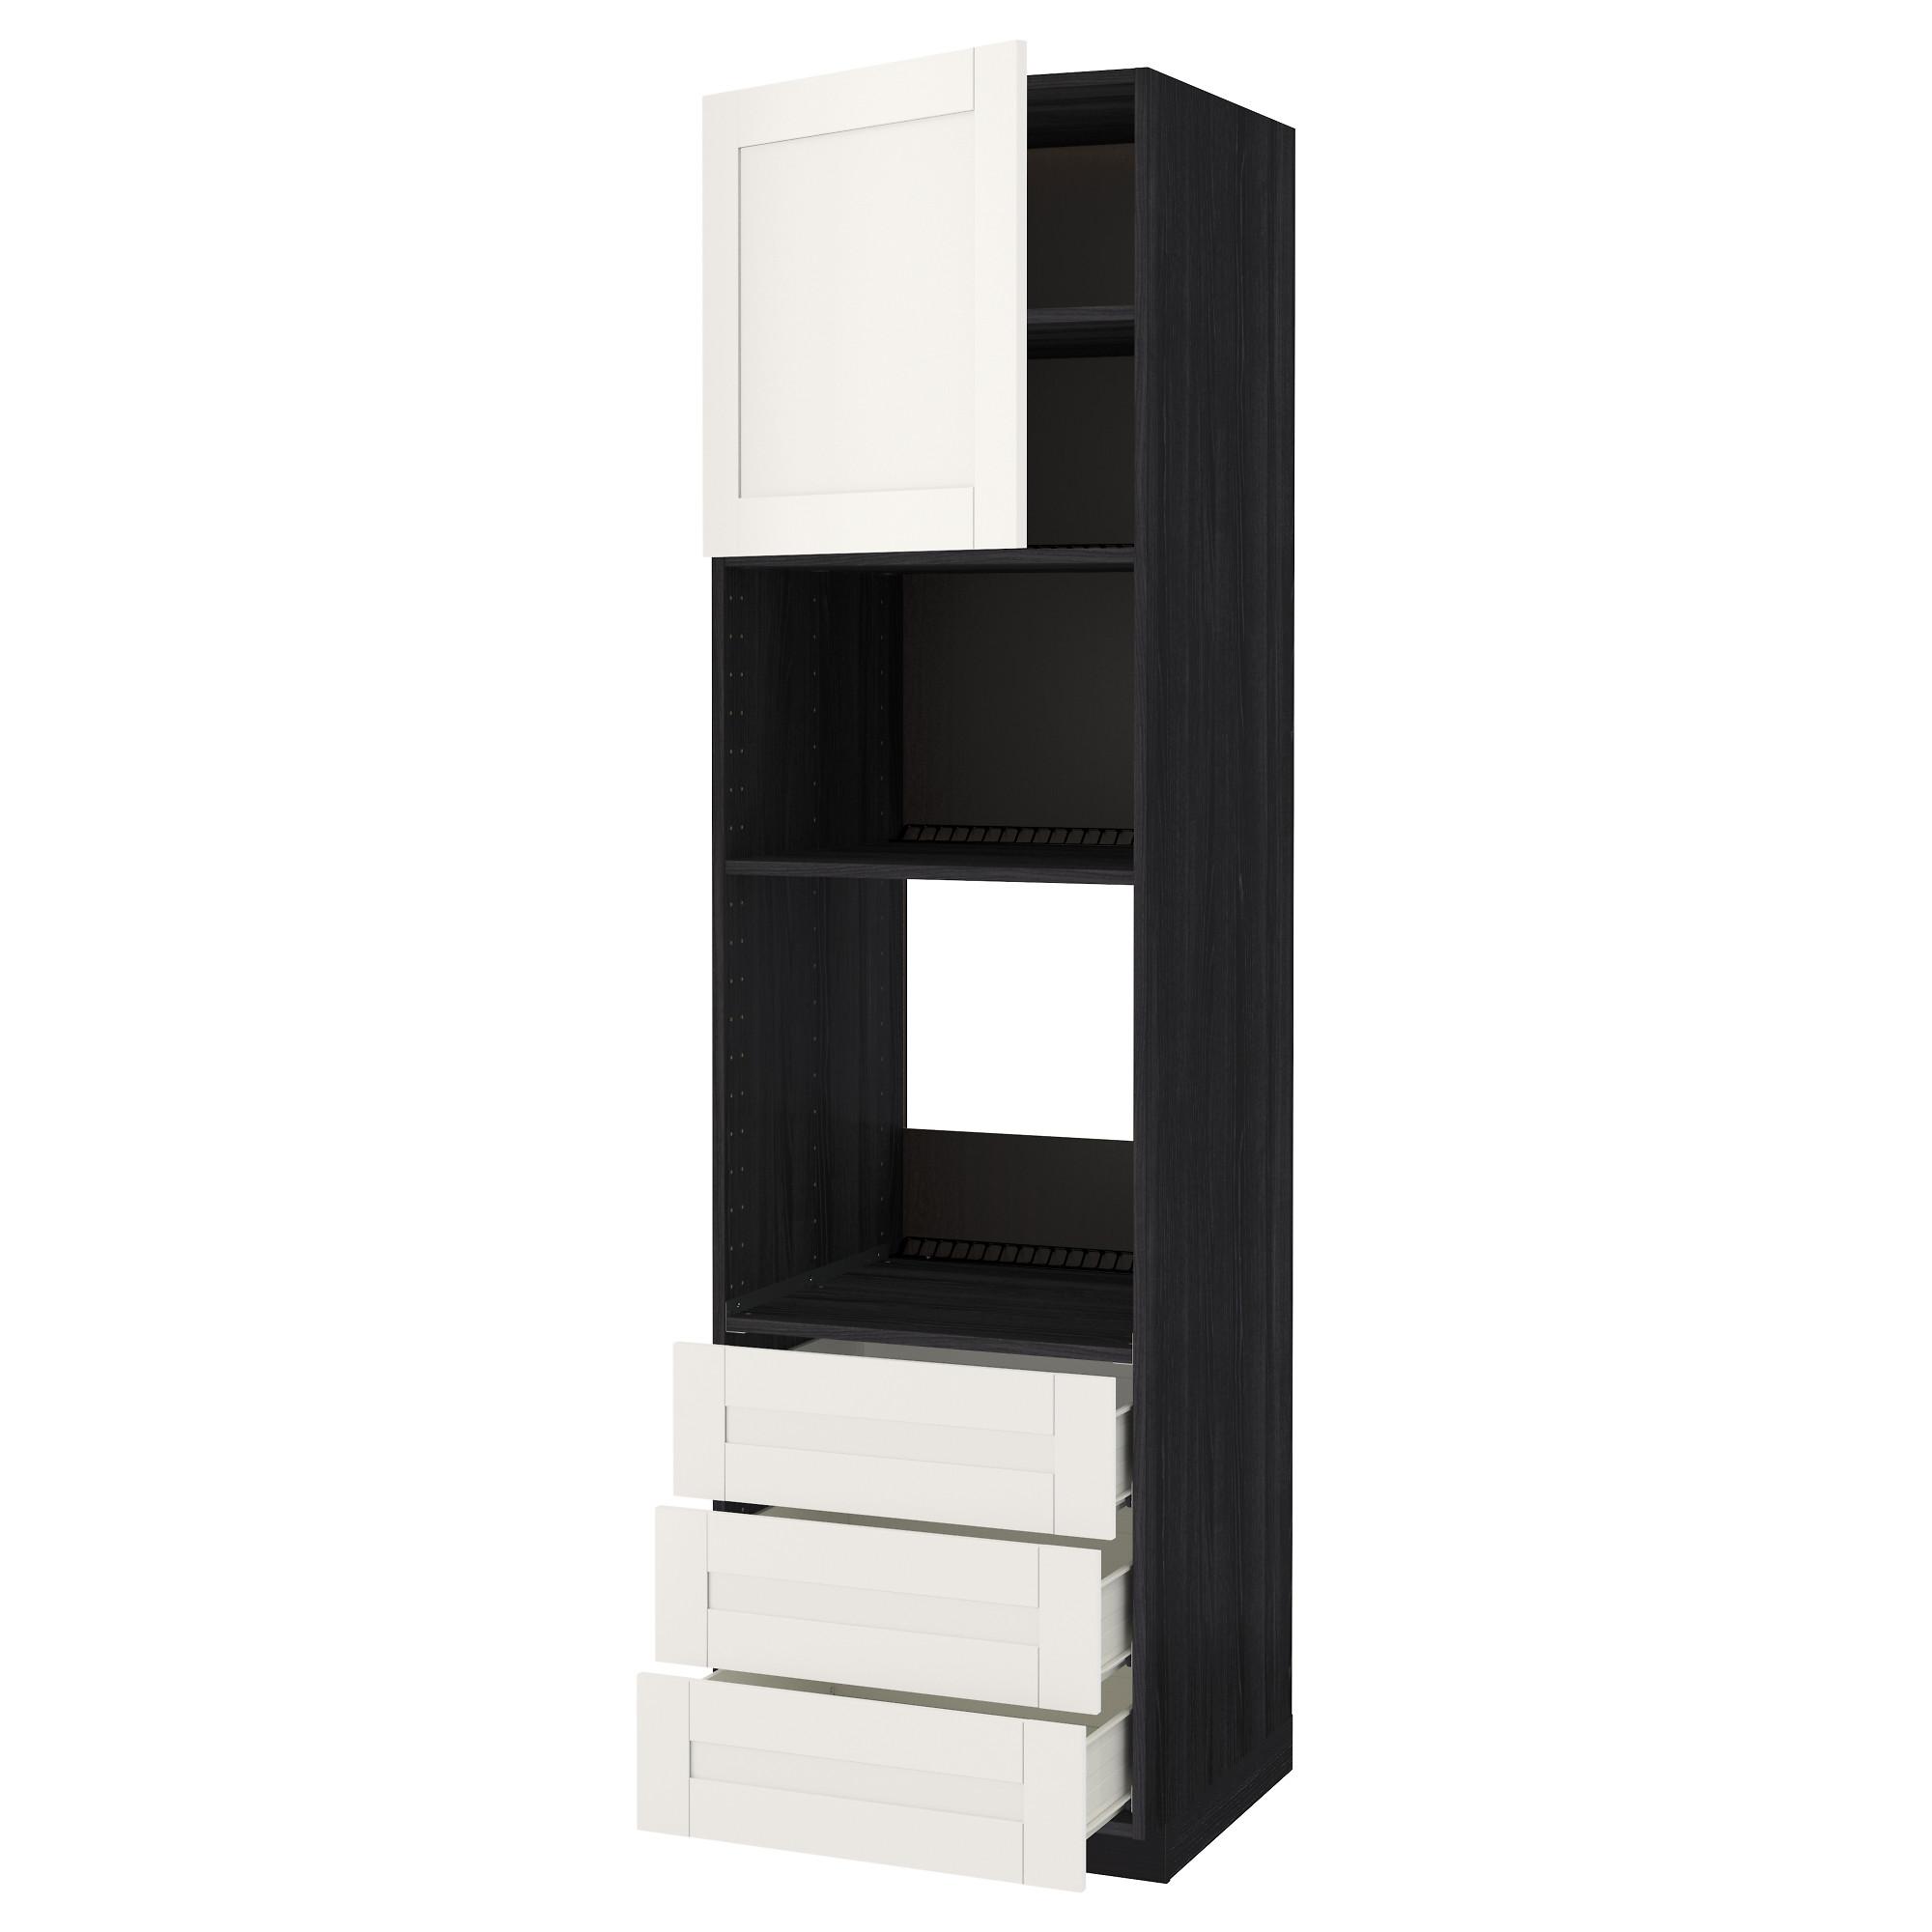 Высокий шкаф для духовки/СВЧ дверца, 3 ящика МЕТОД / ФОРВАРА черный артикуль № 392.658.72 в наличии. Online магазин IKEA РБ. Быстрая доставка и монтаж.